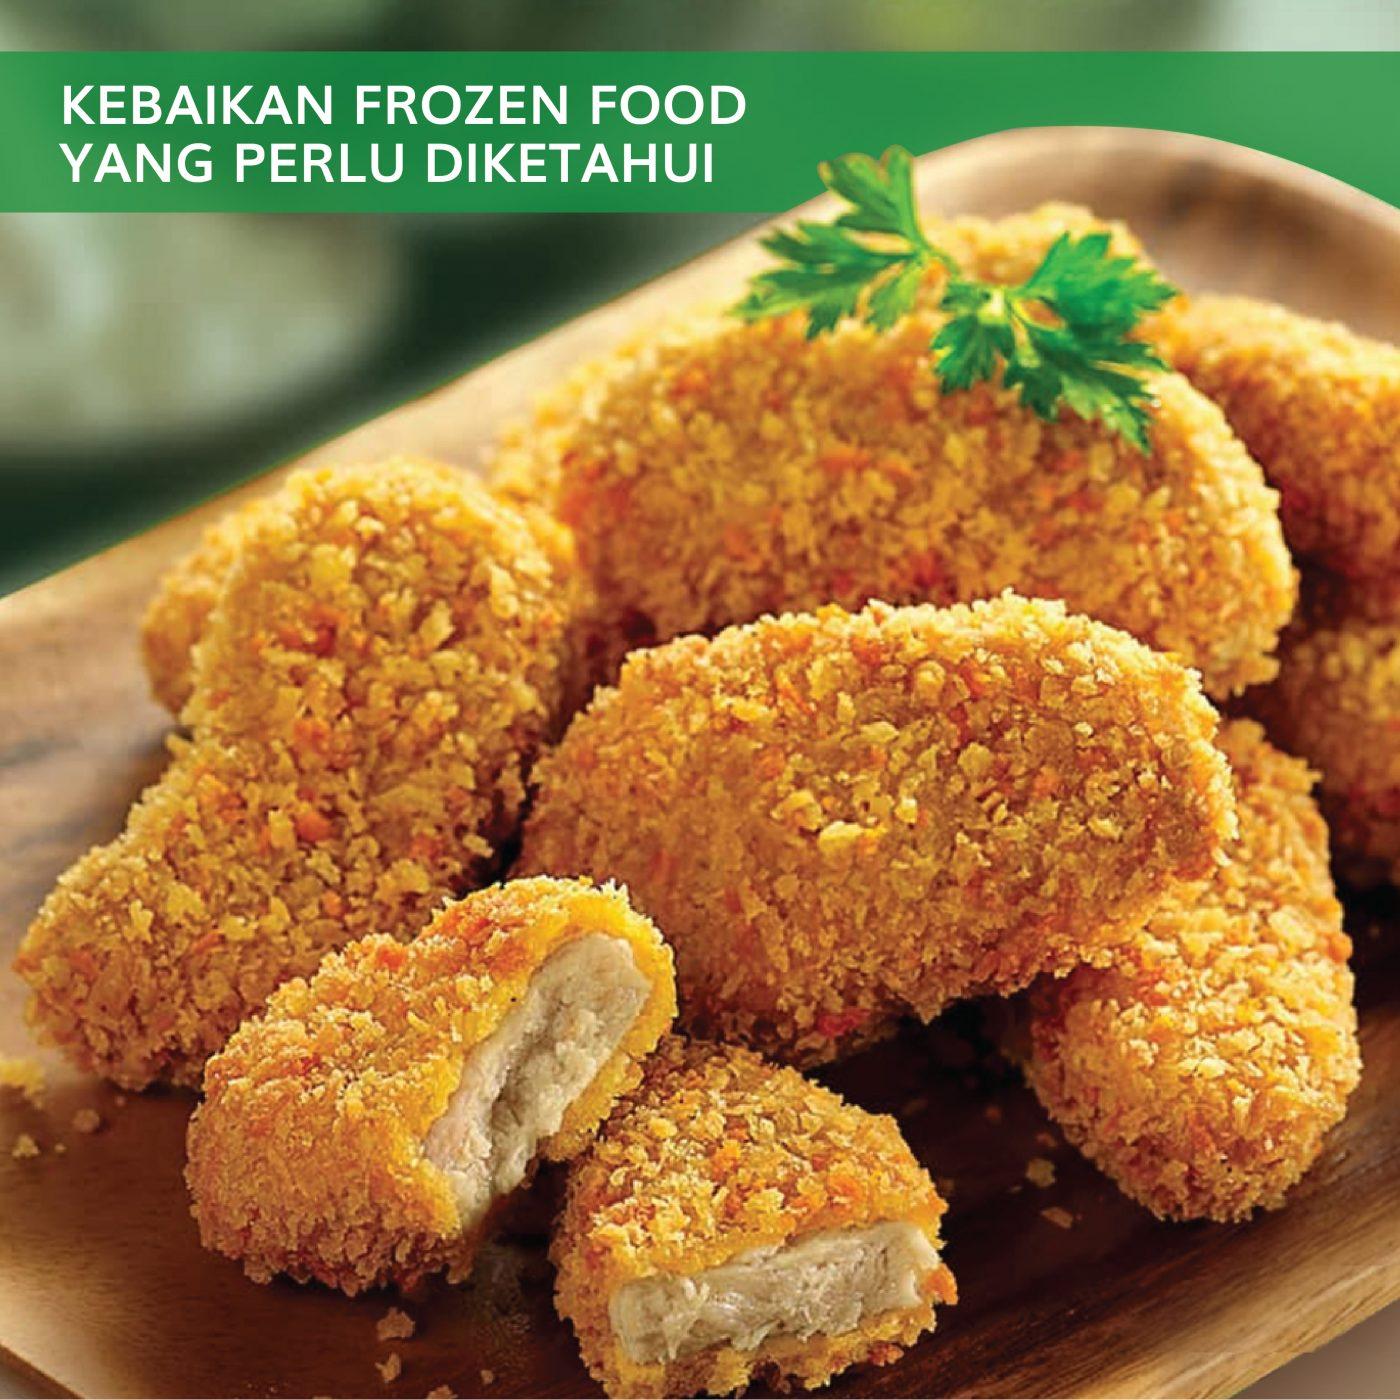 Image KEBAIKAN FROZEN FOOD YANG PERLU DIKETAHUI